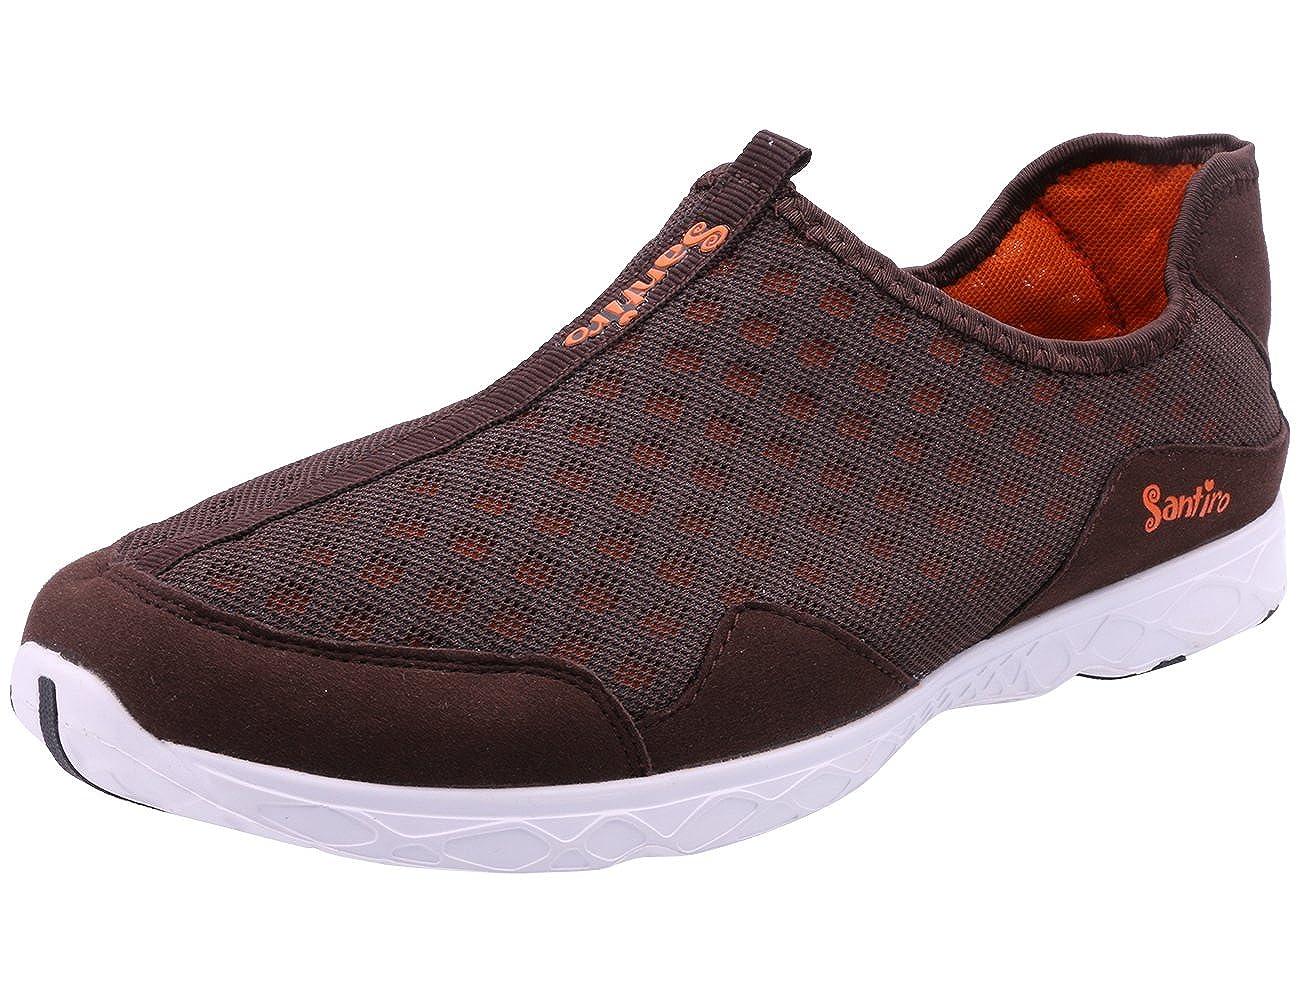 TALLA 42 EU. CANRO Hombre Zapatos de agua- Escarpines